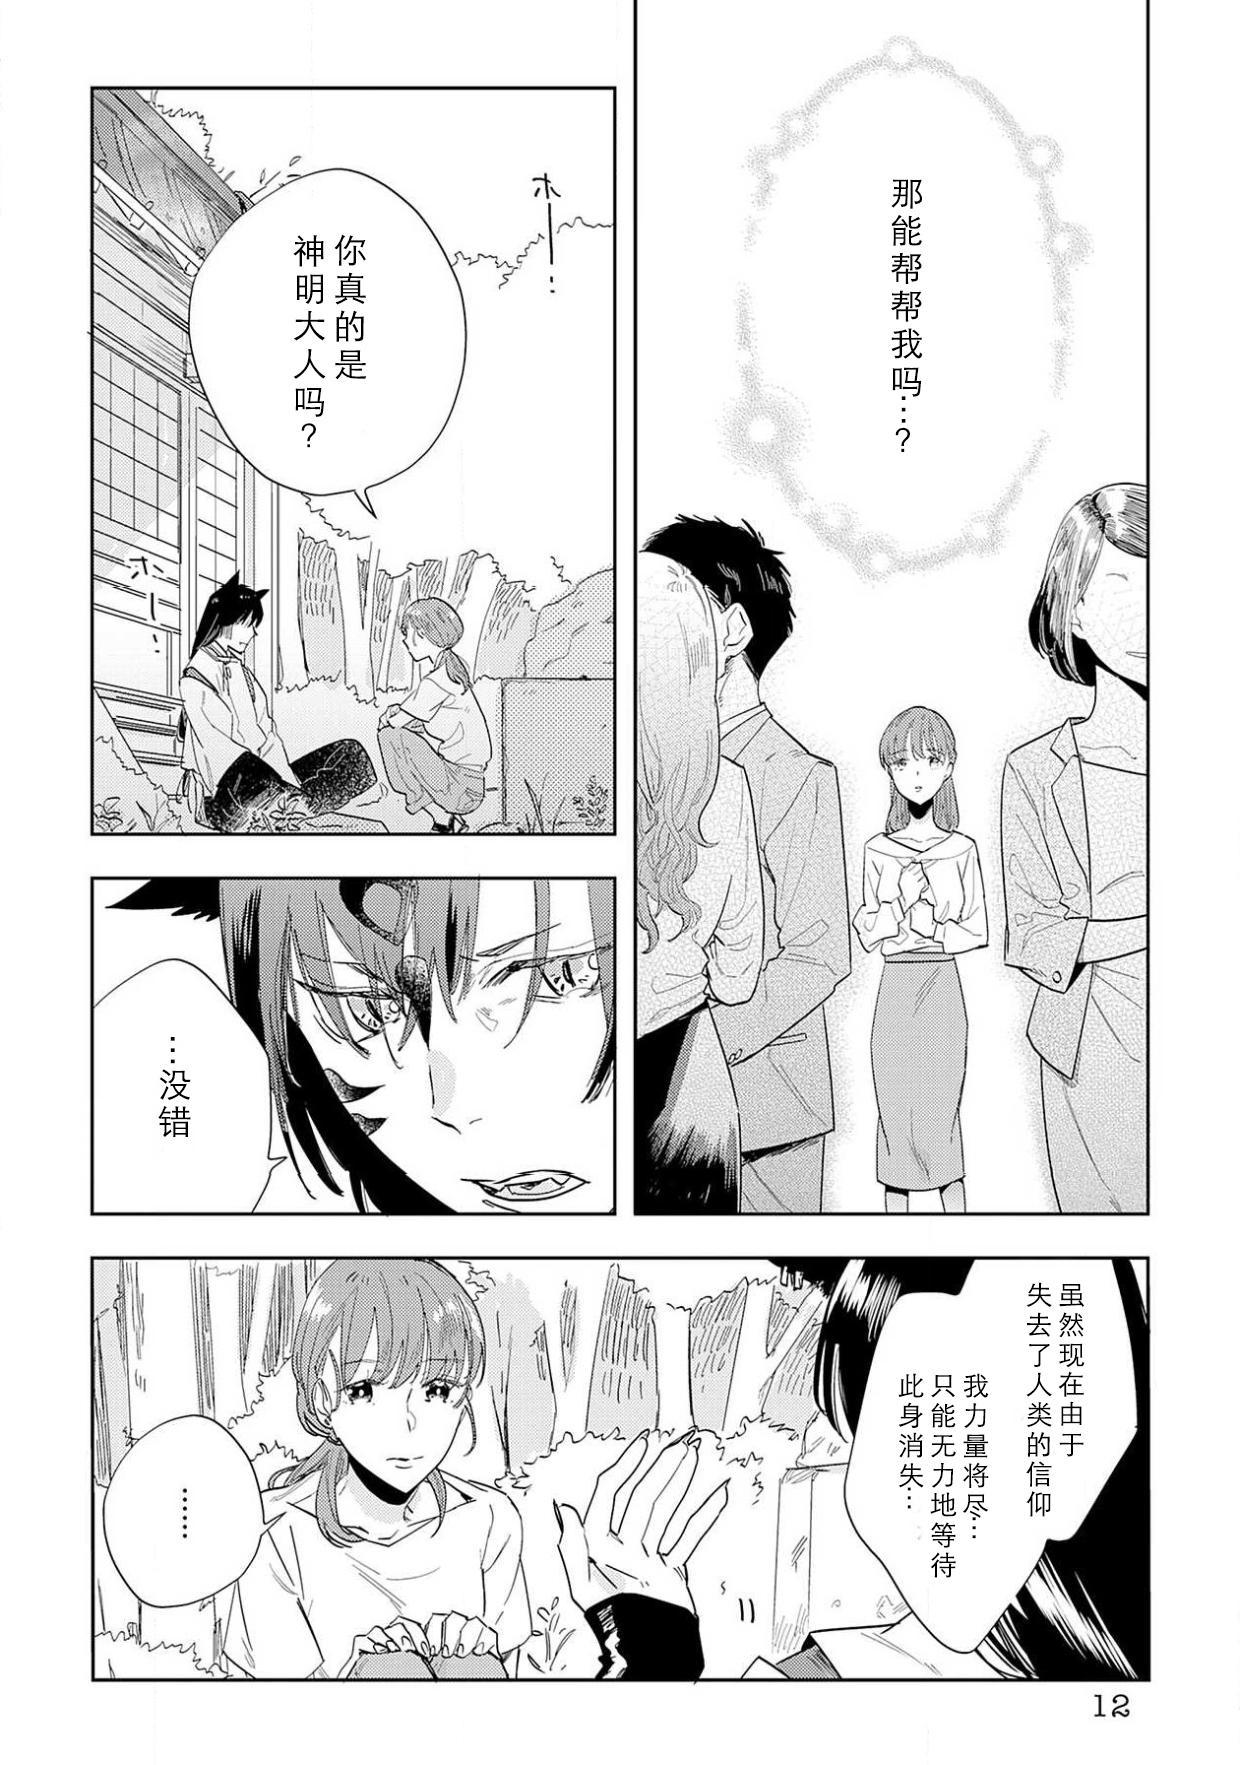 [Hachikawa Kyuu] Kami-sama to Ikenie H Keiyaku Shichaimashita | 我与神明大人签订了祭品H契约 1-3 [Chinese] [莉赛特汉化组] 10